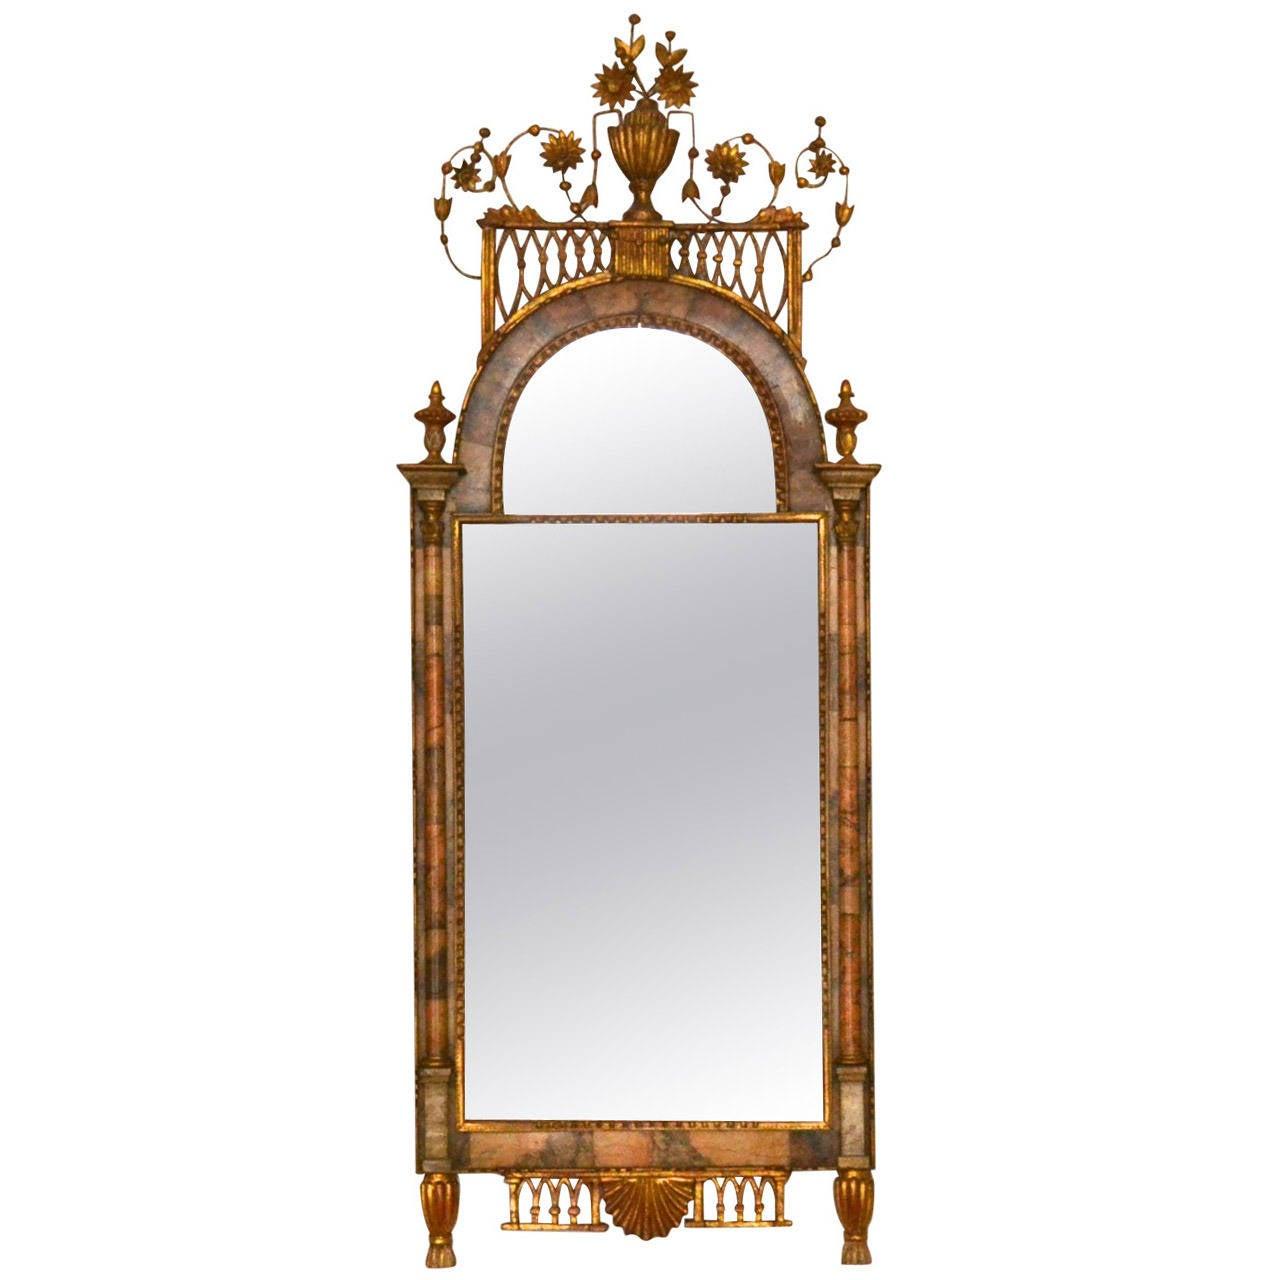 18th Century Altona Mirror with Bilbao Marble